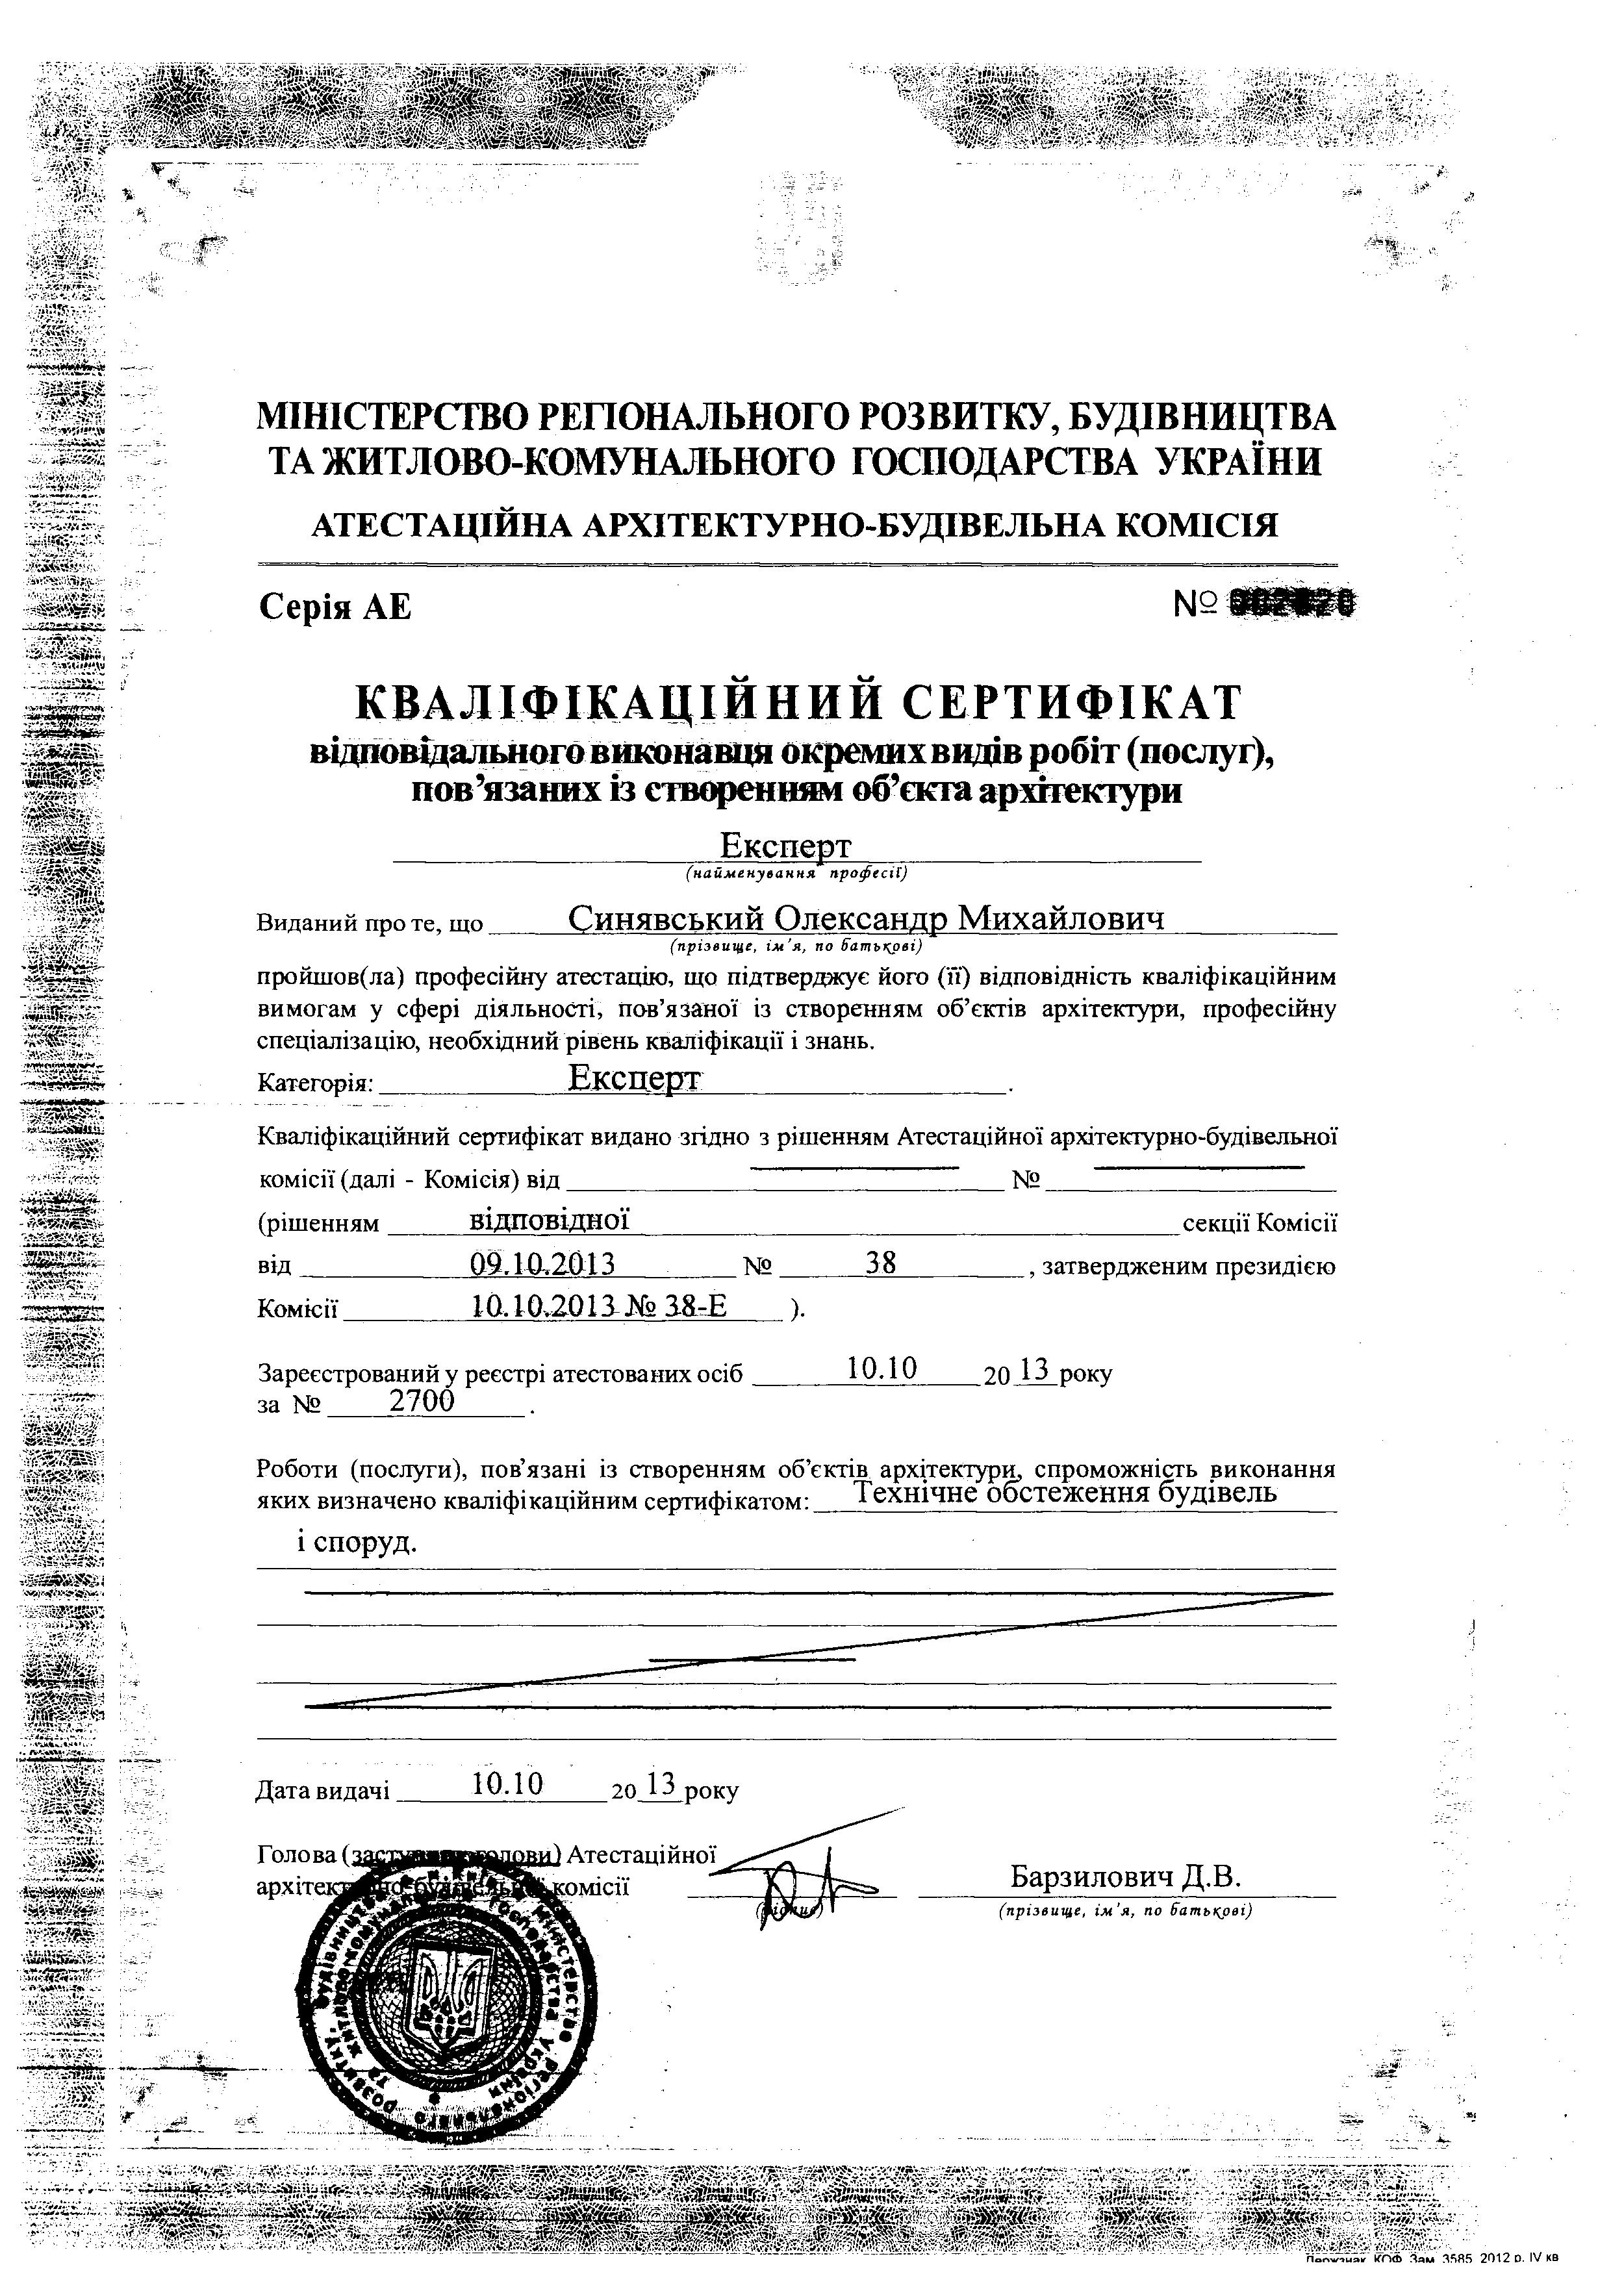 Квалификационный сертификат эксперта Синявский Александр Михайлович